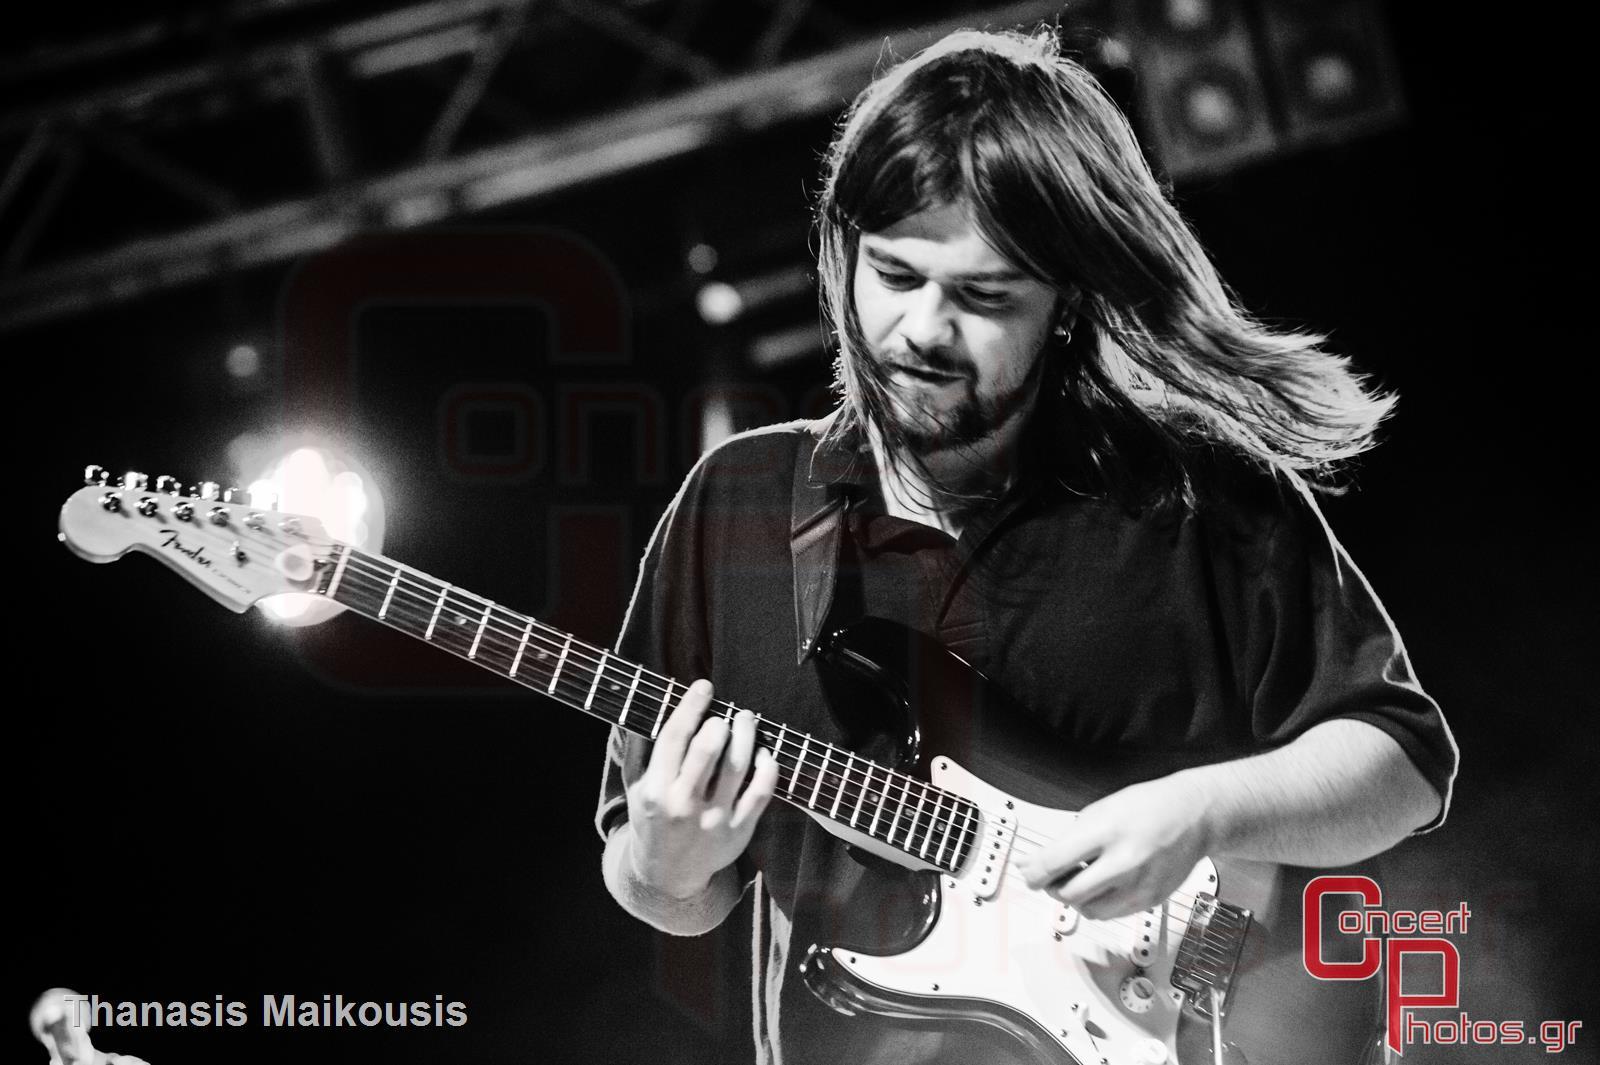 Locomondo-Locomondo 2013 Bolivar photographer: Thanasis Maikousis - concertphotos_-6091